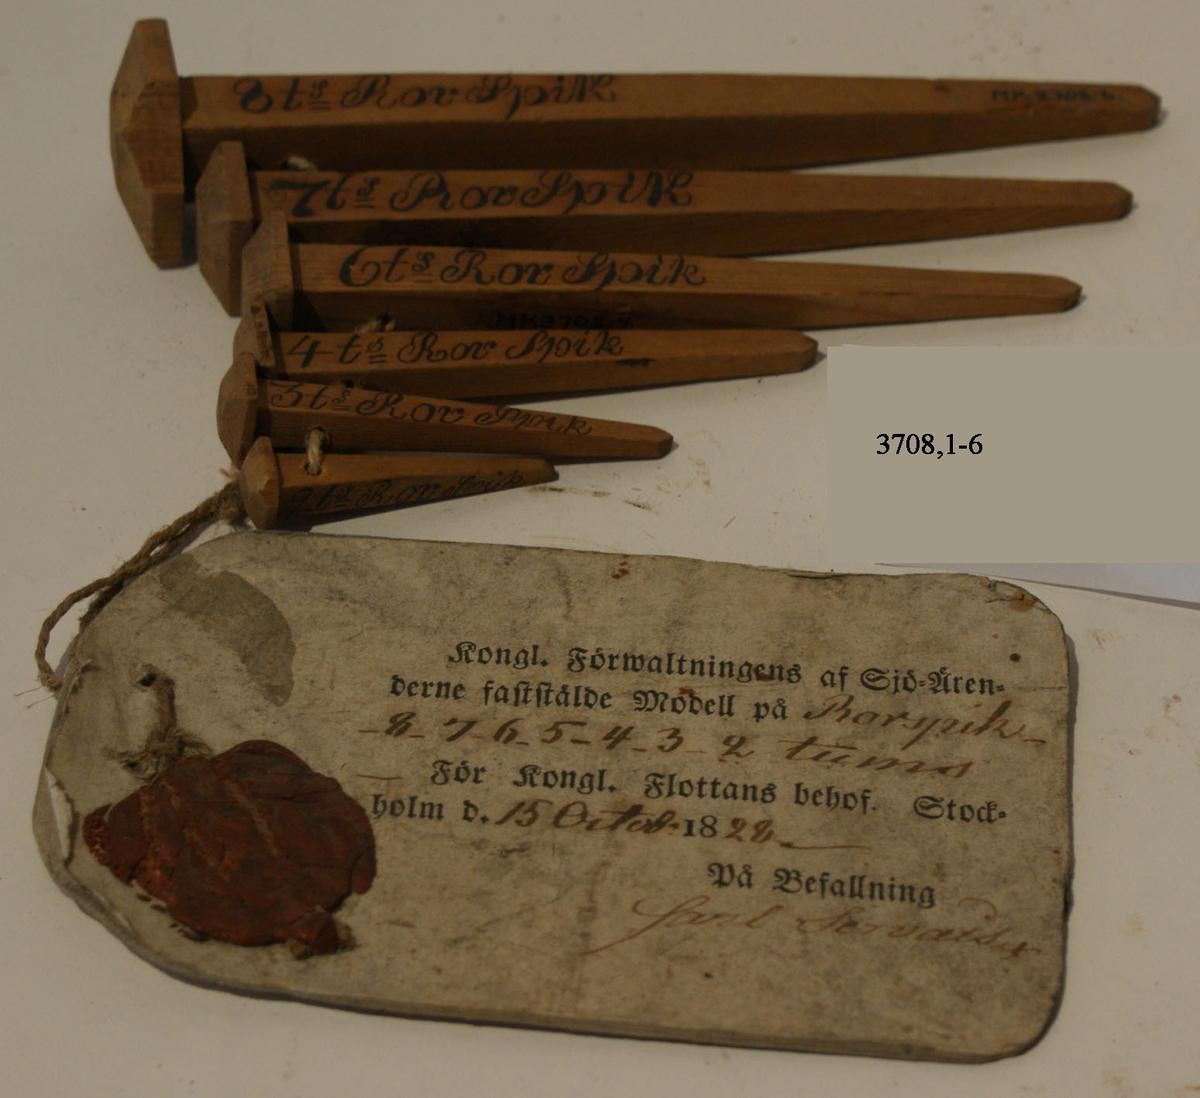 Rorspik. Modell av trä med vidhängande fastställelsebricka. Sigill fastställd den 15 okt 1828.